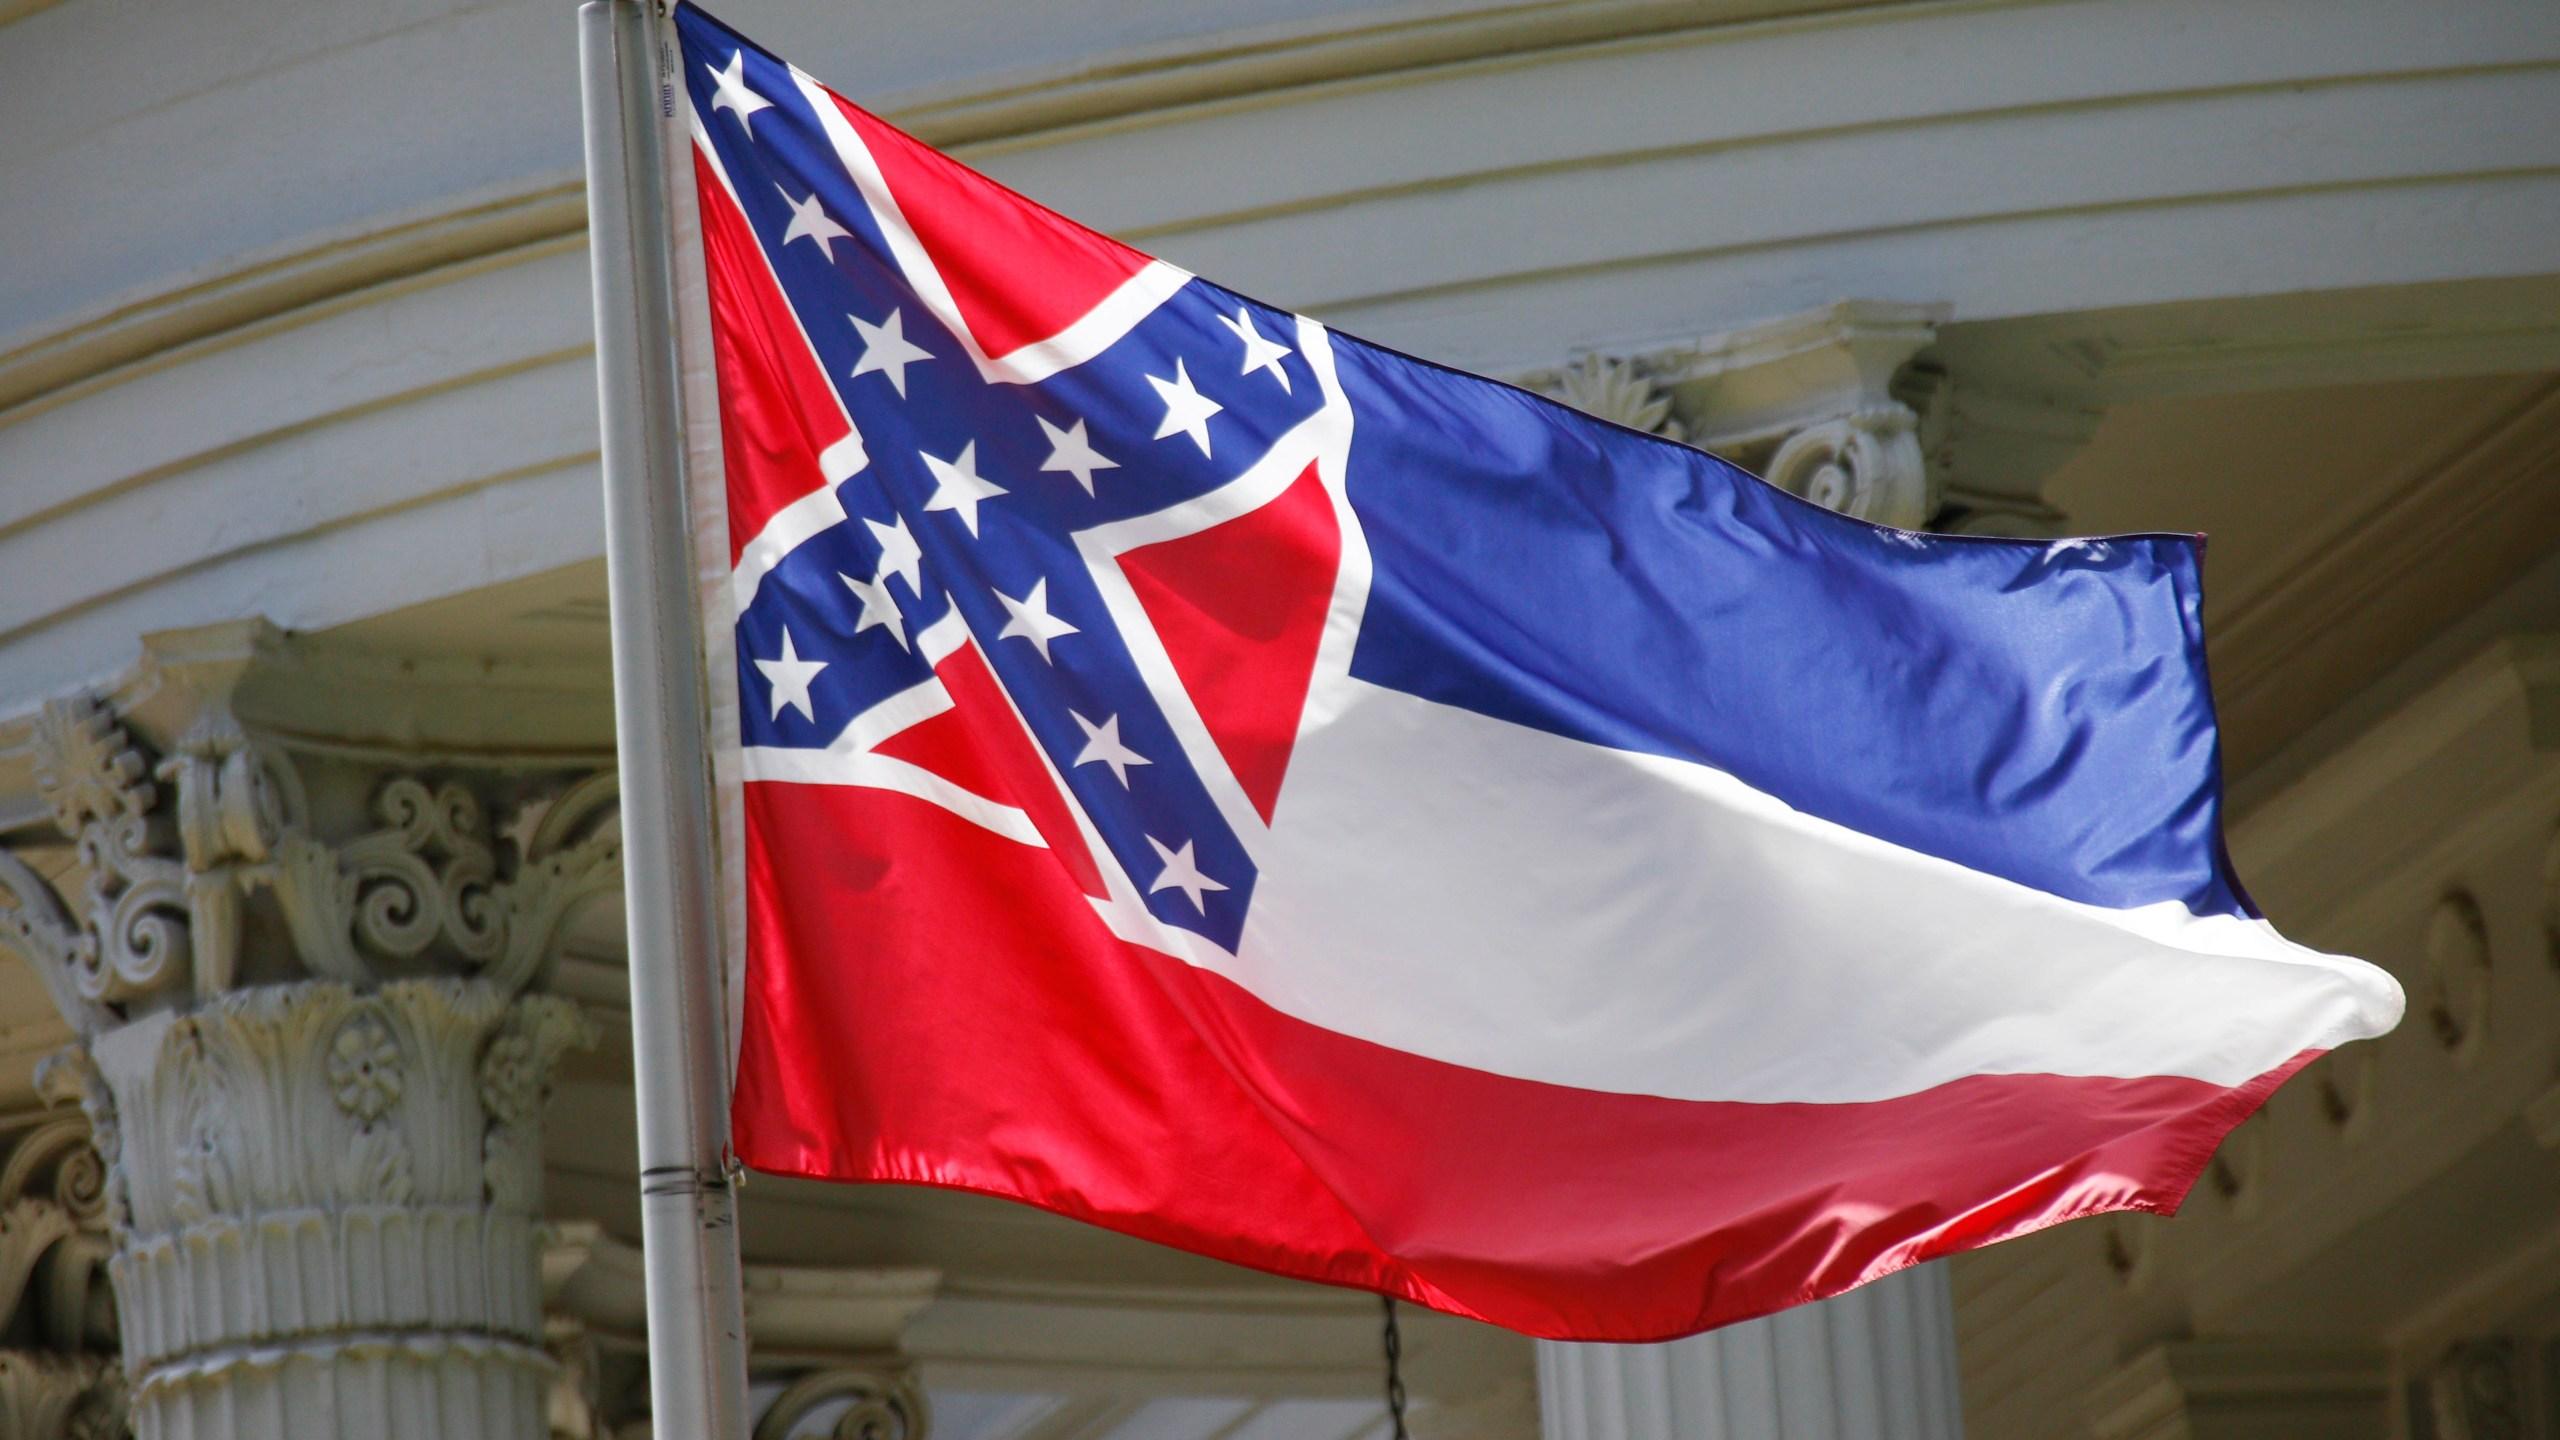 Mississippi_Flag_81034-159532.jpg54161756